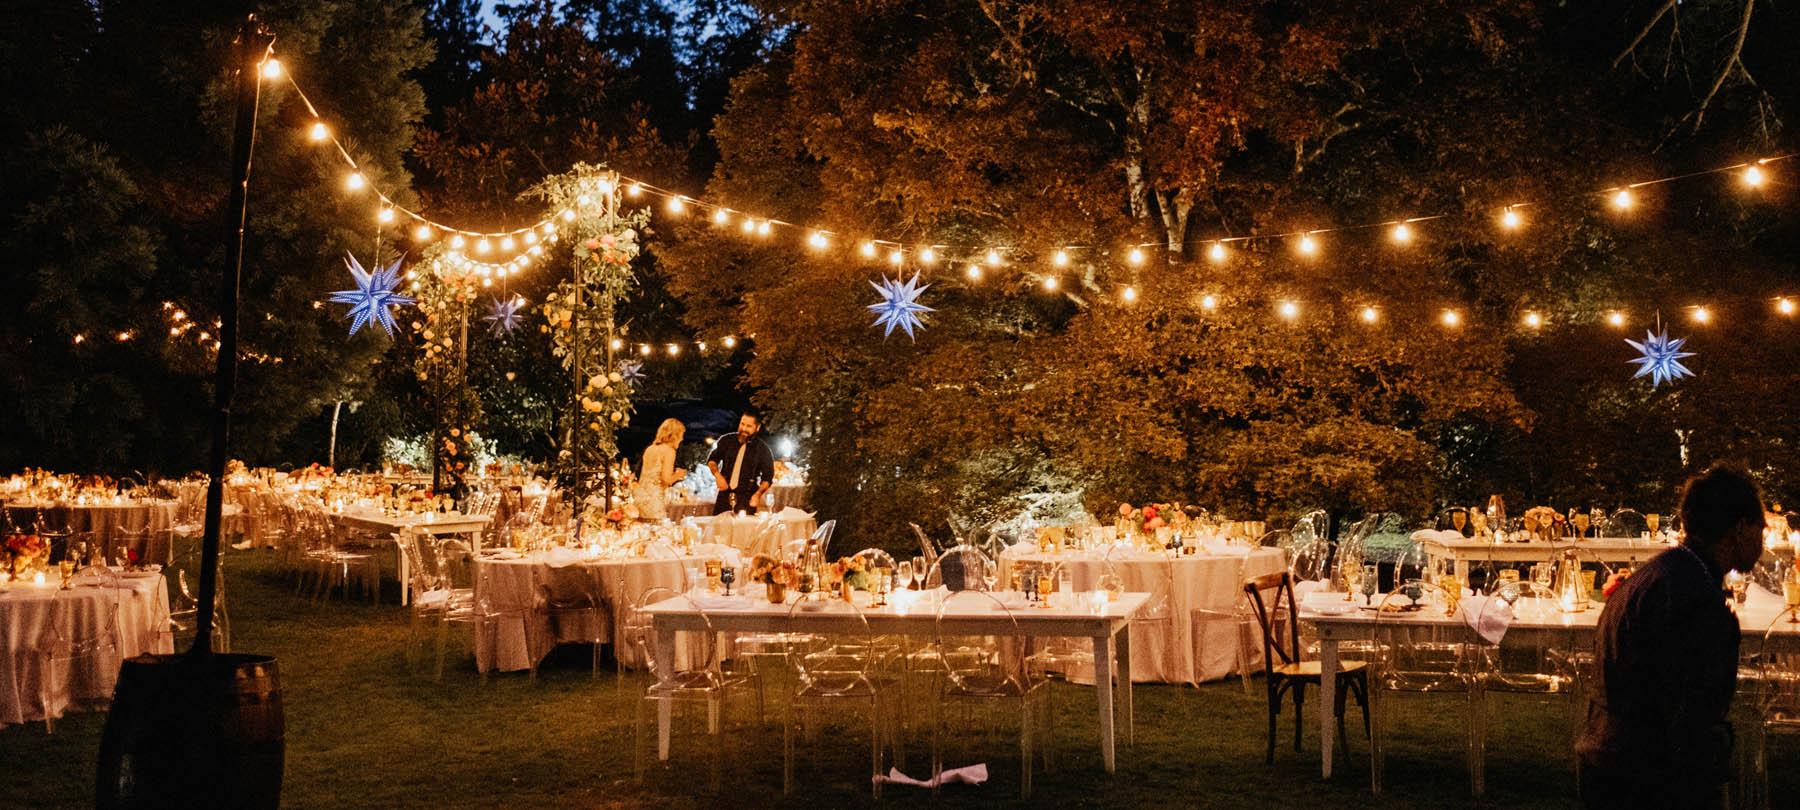 Garden Wedding Floral design night shot